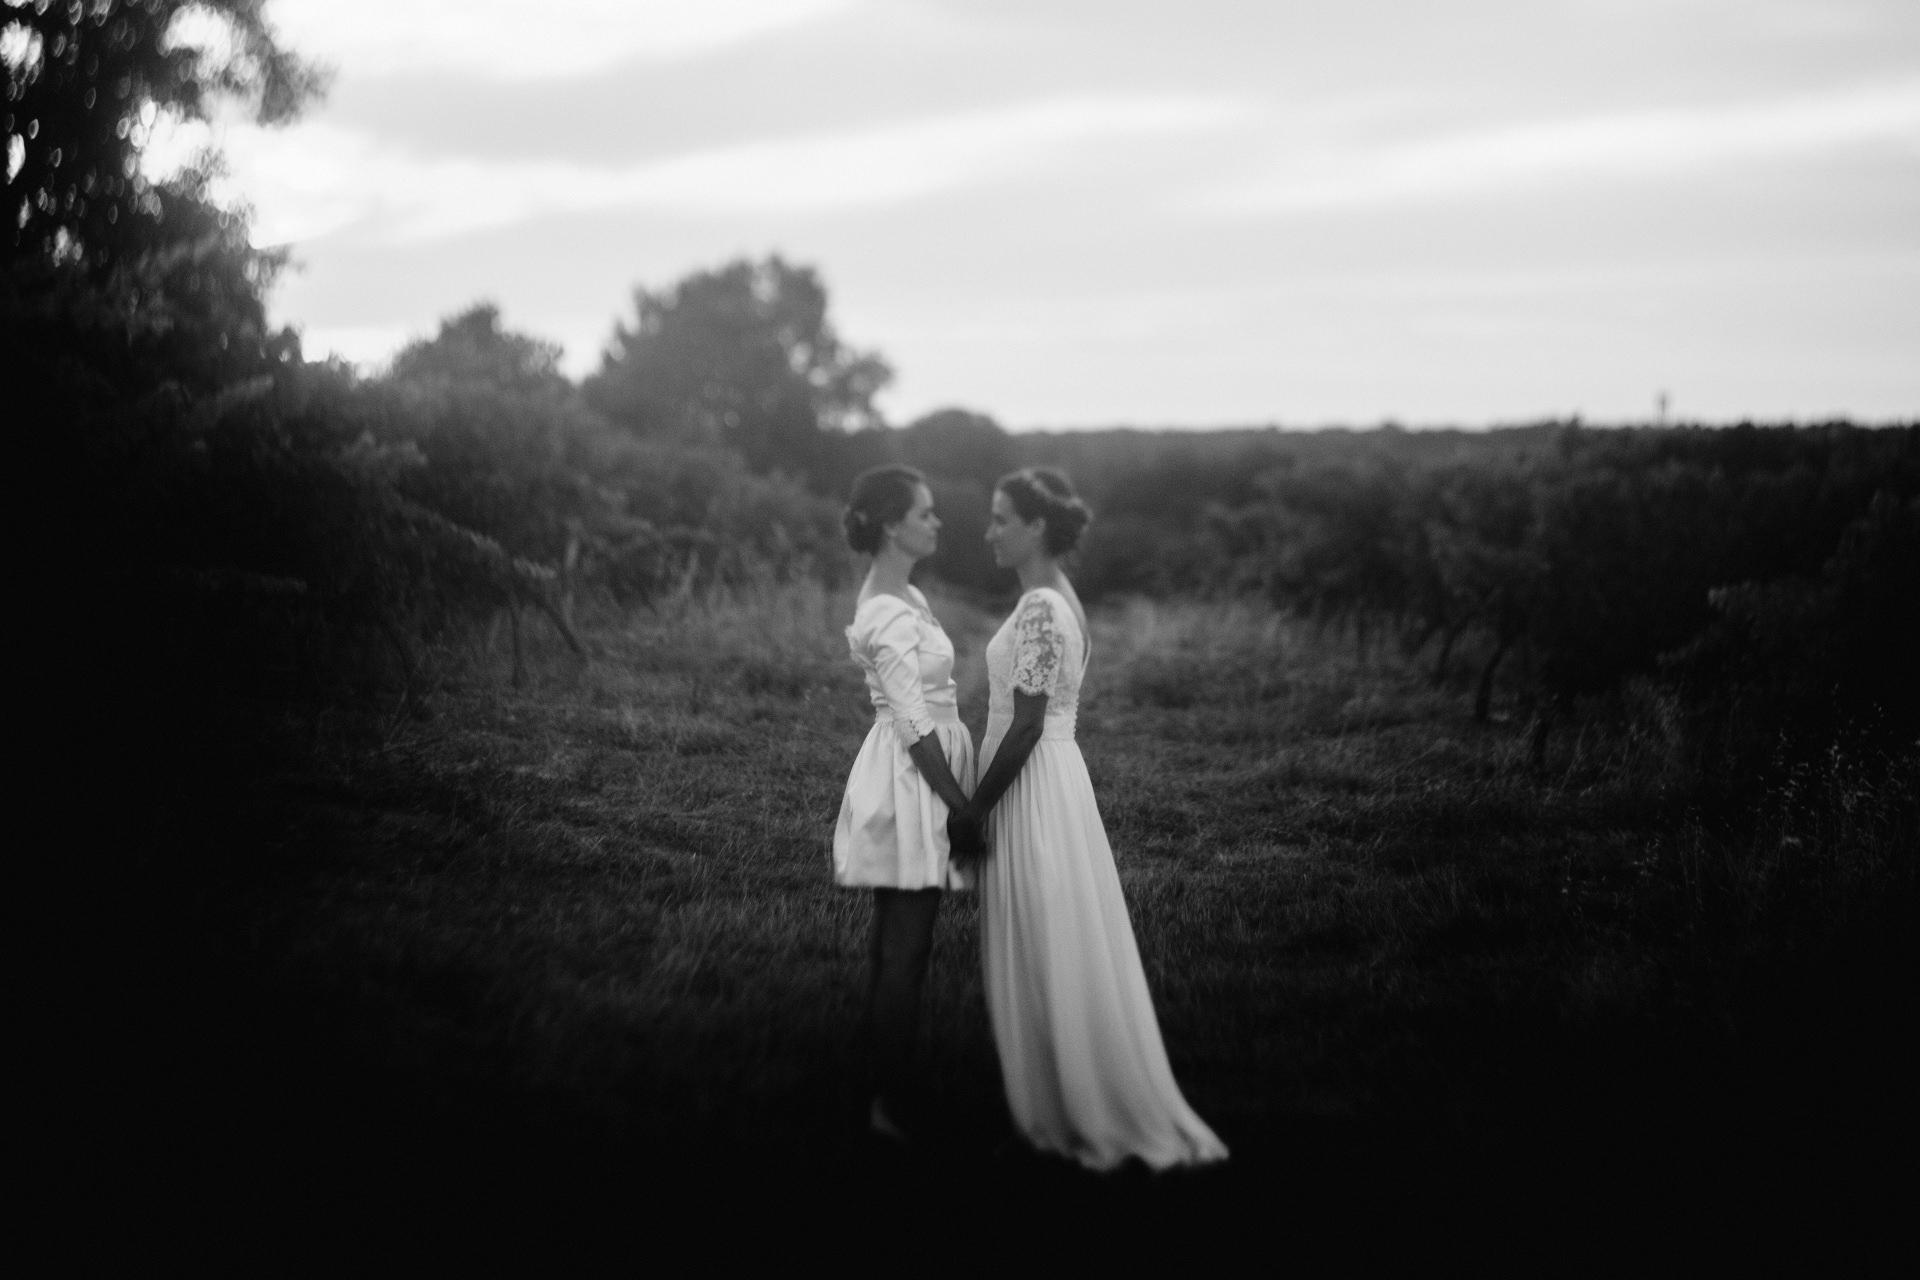 photographe-mariage-bordeaux-63.jpg